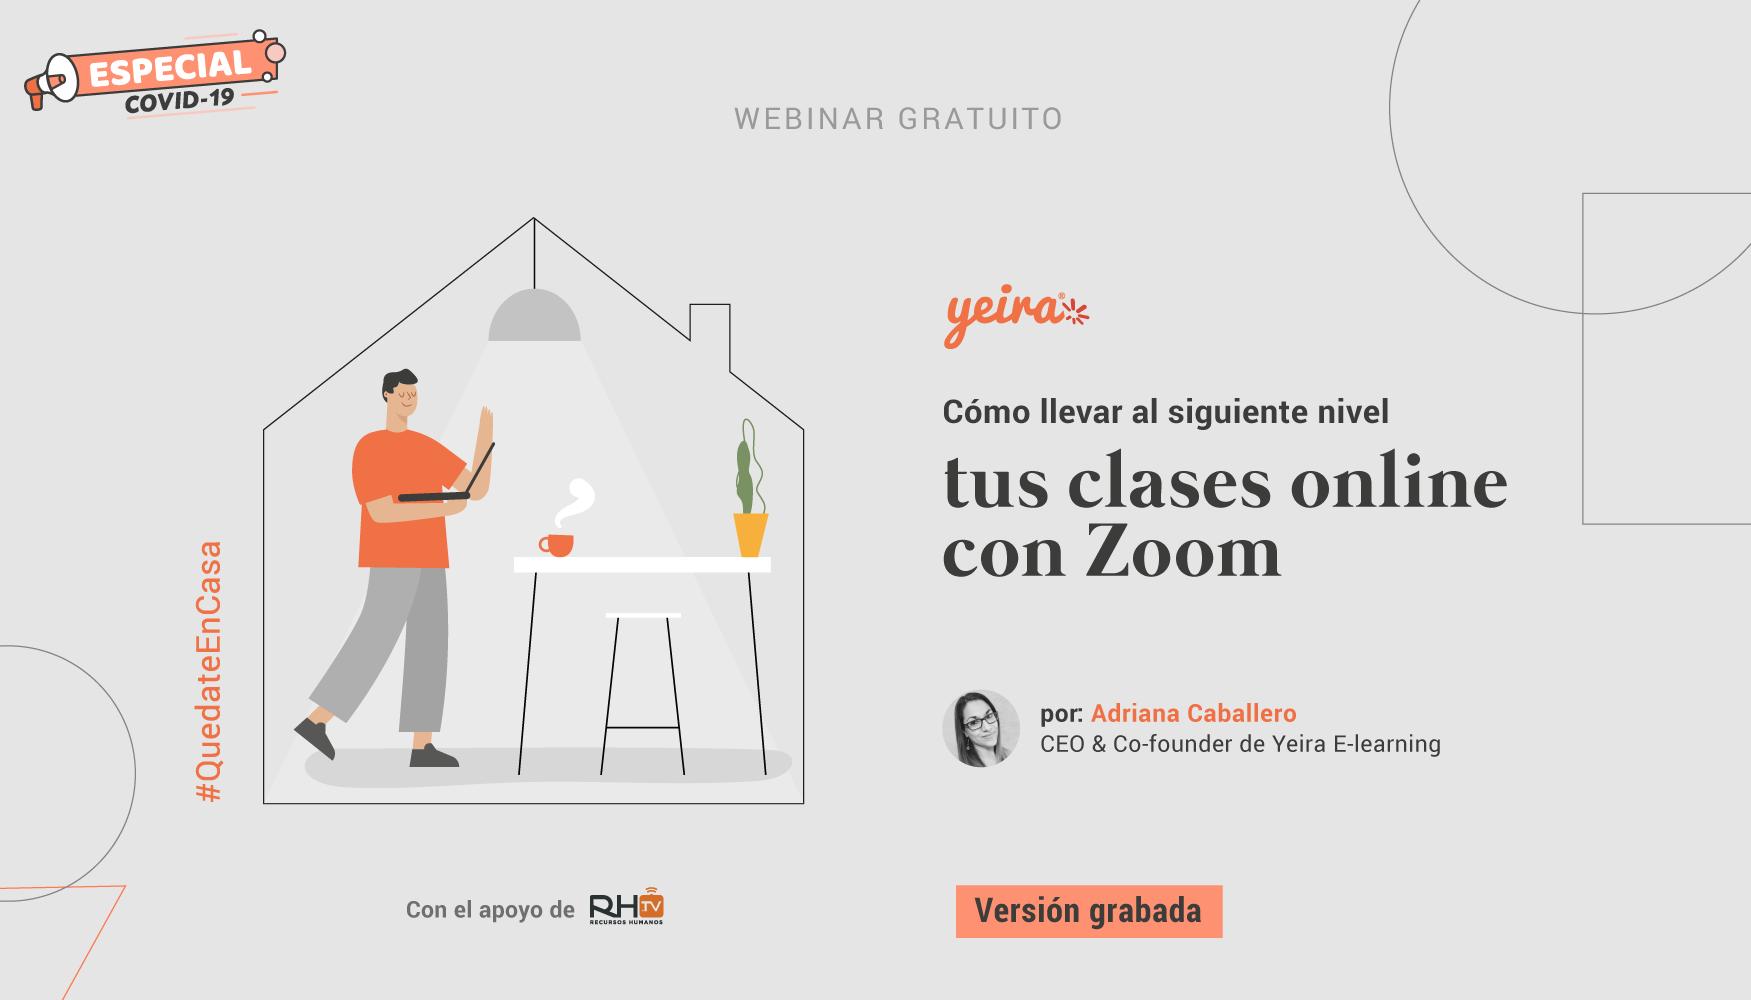 Un Webinar De Yeira Como Llevar Al Siguiente Nivel Tus Clases Online Con Zoom